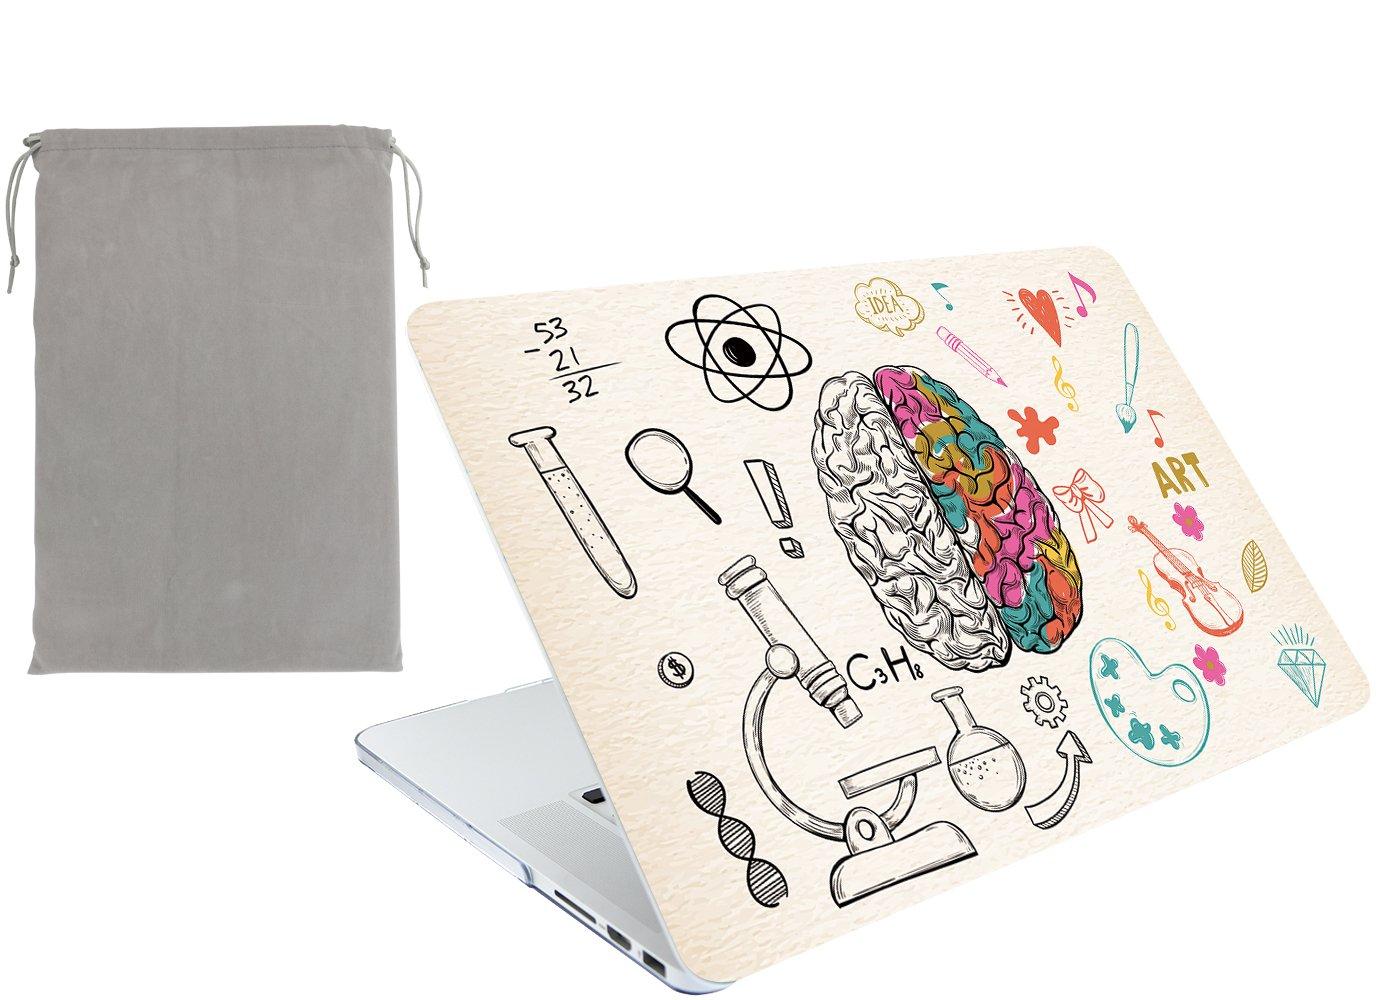 A1466 Cerebro izquierdo derecho B A1369 October Elf Funda r/ígida para MacBook Air de 13 pulgadas 2 en 1 con funda para MacBook Air de 13 pulgadas Modelo